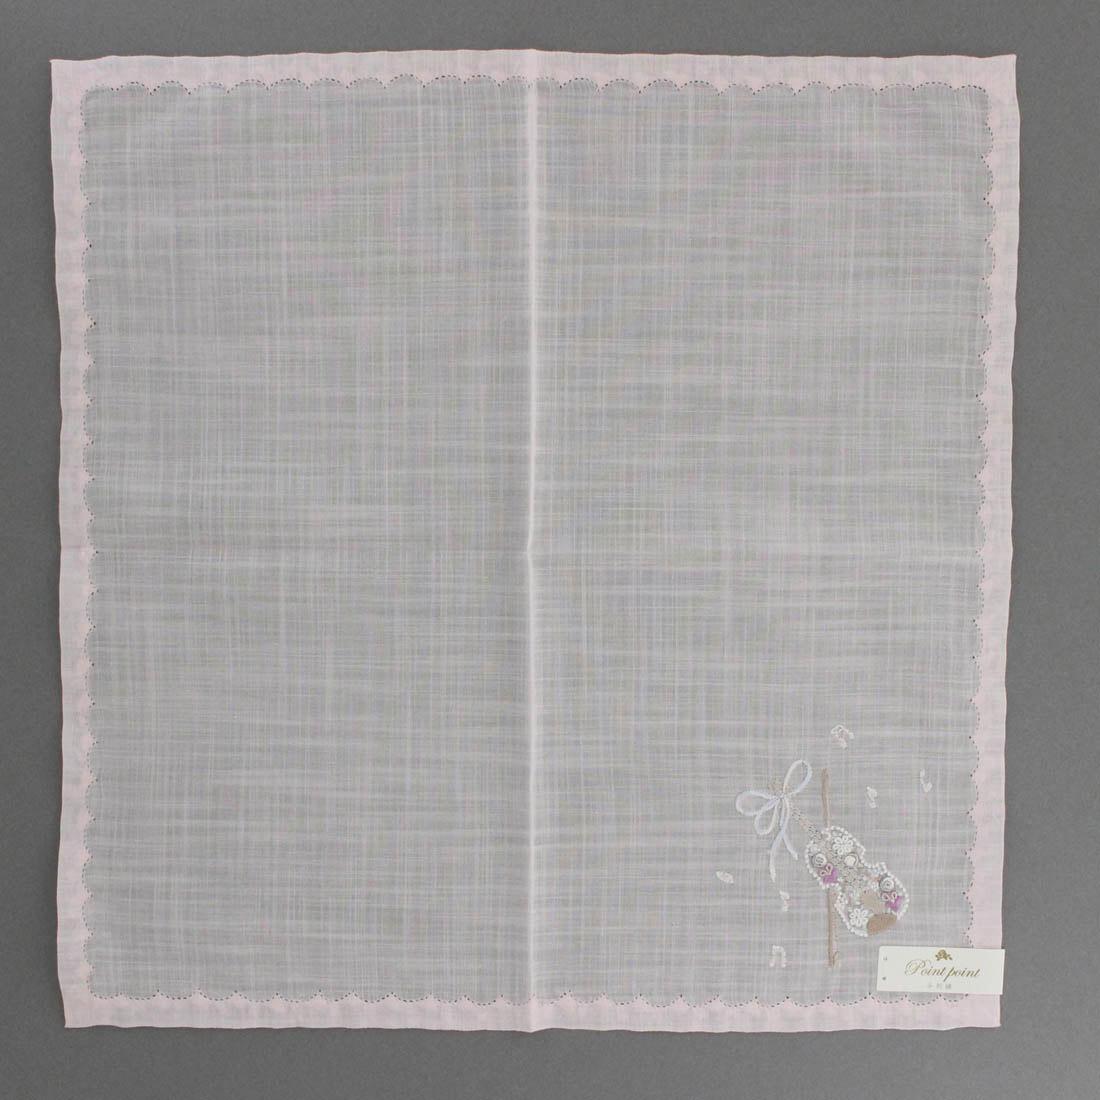 ポワンポワン ベトナム手刺繍ハンカチ 6502-01 ピンク